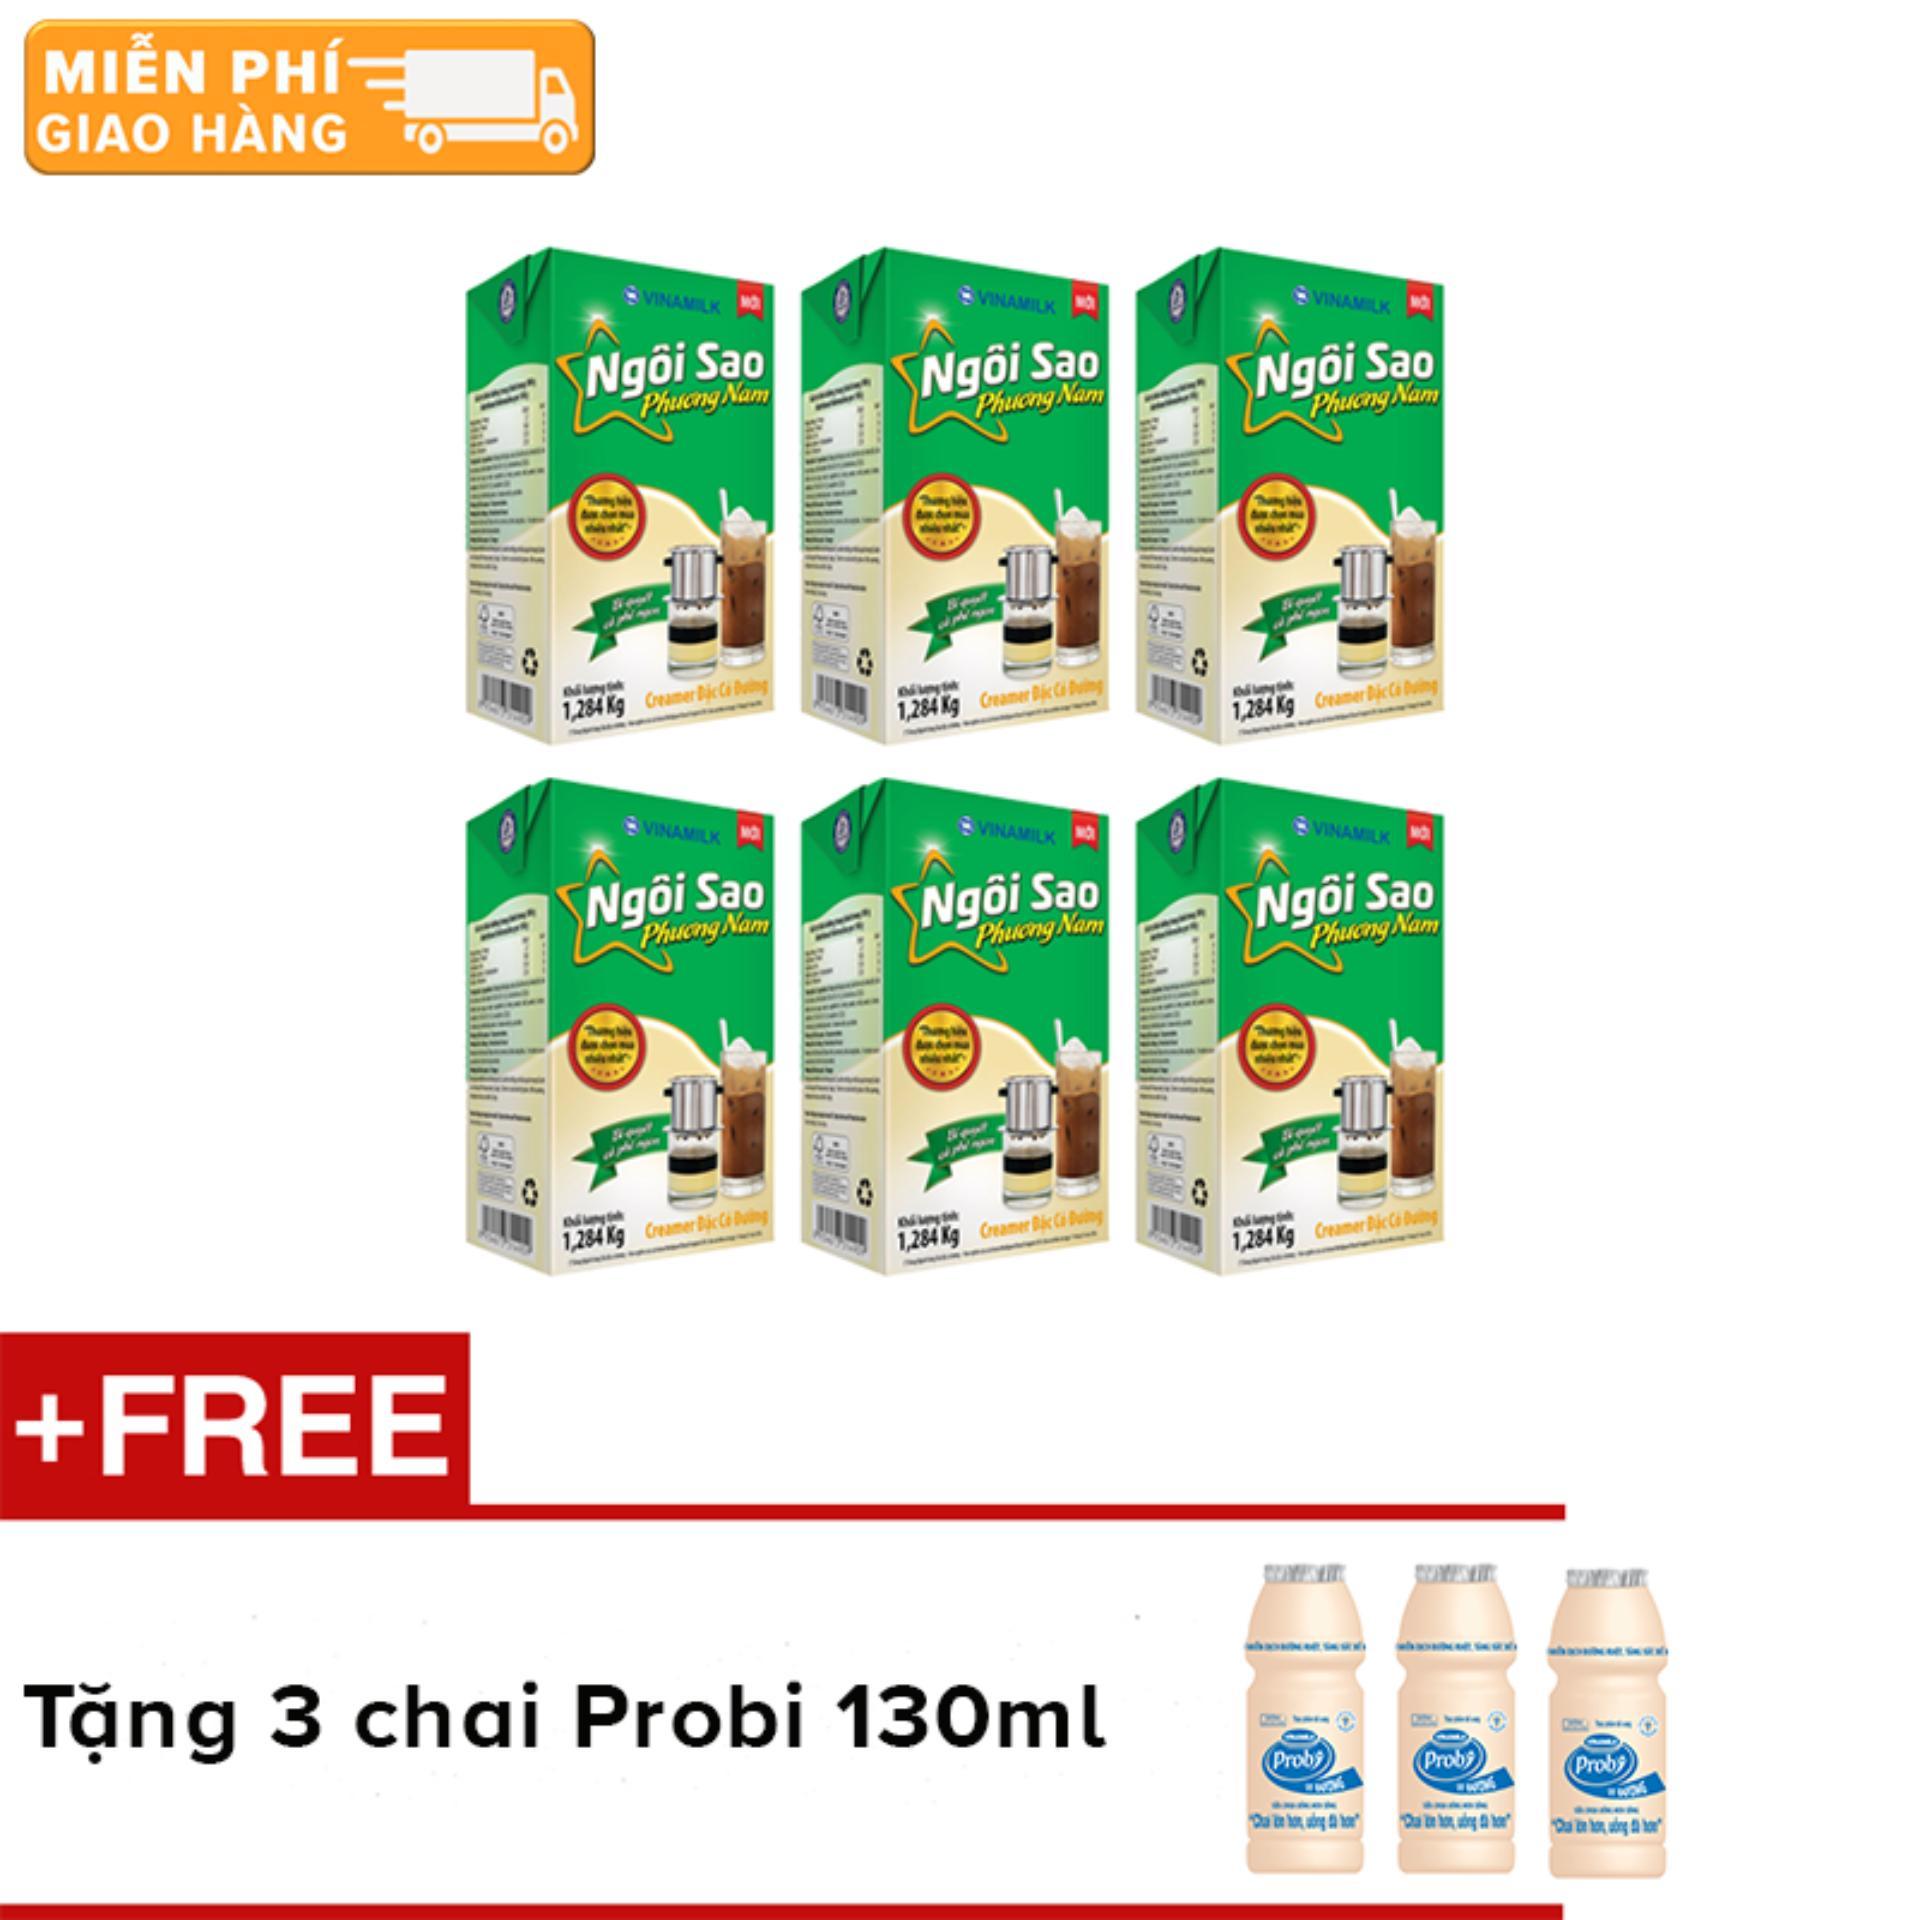 Bộ 6 hộp sữa đặc Ngôi Sao Phương Nam xanh lá - hộp giấy 1284g + Tặng 3 chai sữa chua uống Probi 130ml